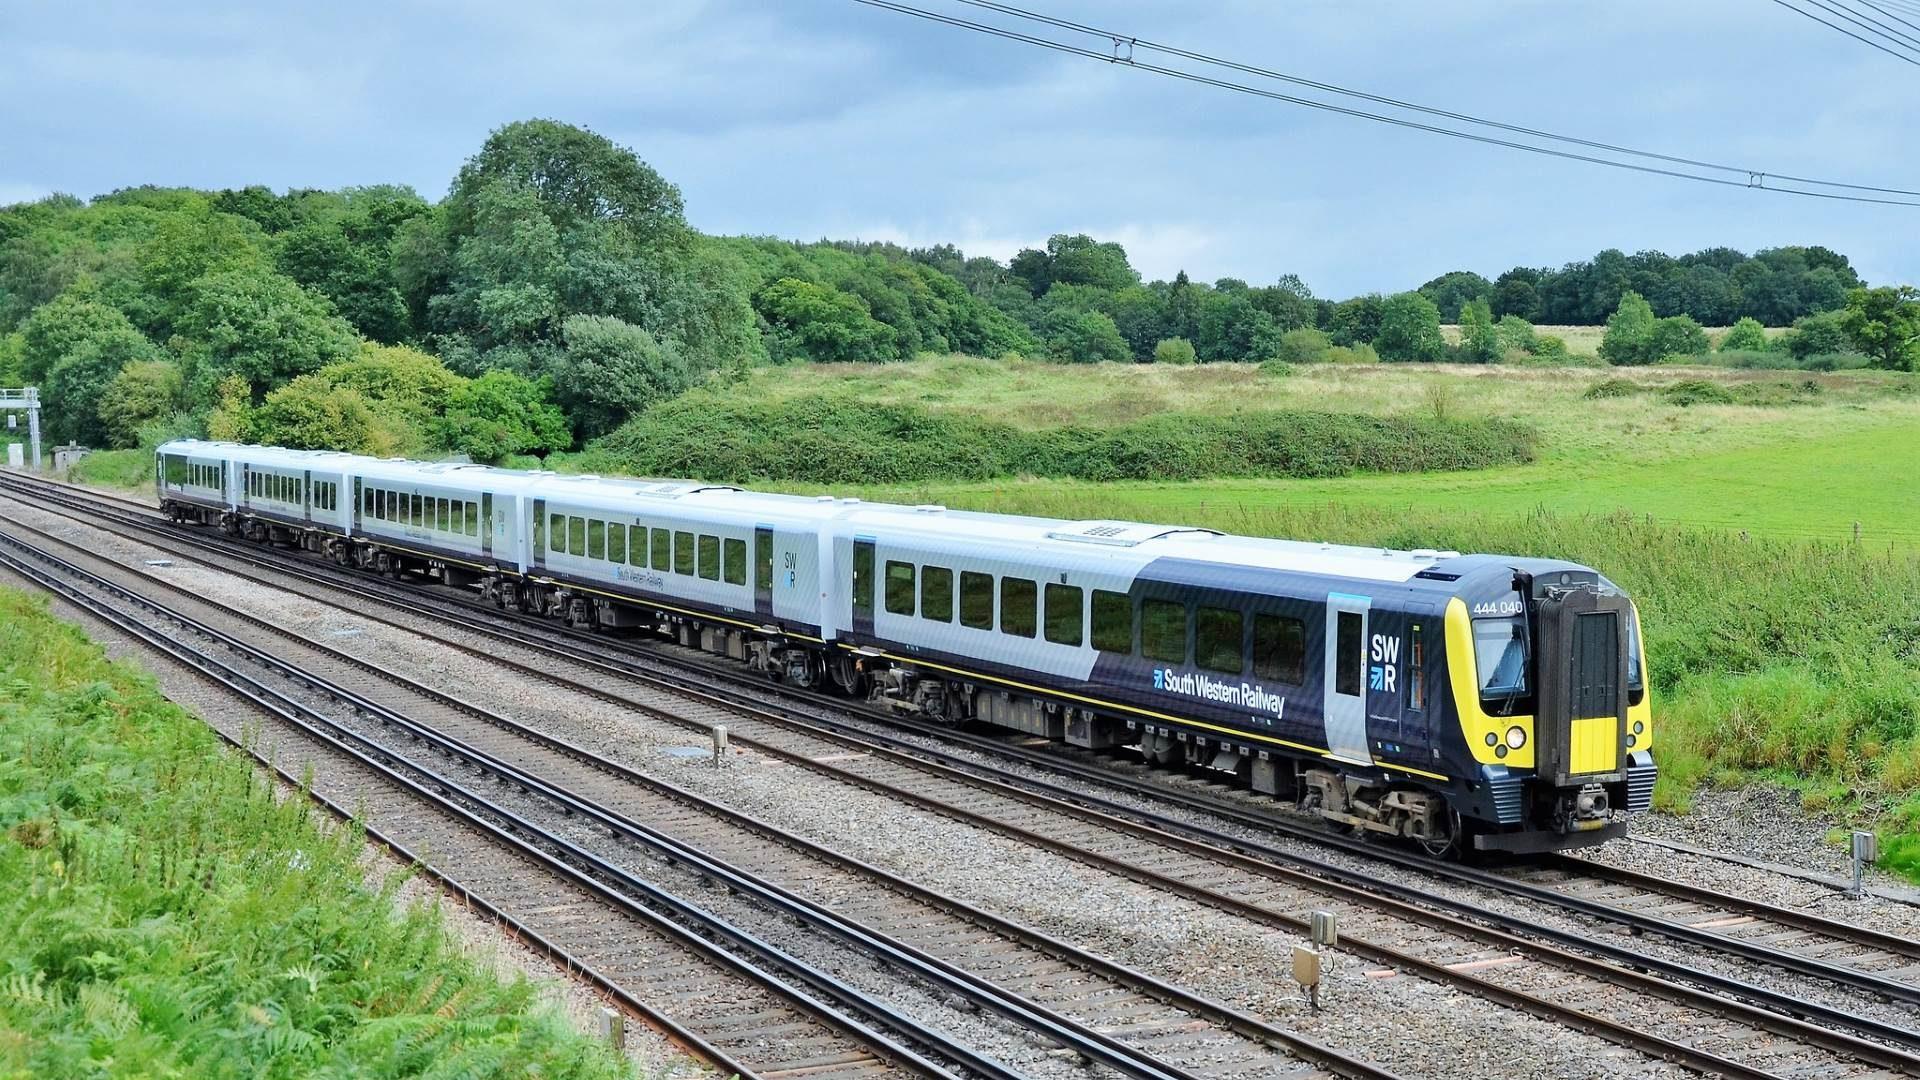 抛弃柴油,英国开始试行首条由太阳能驱动的铁路线